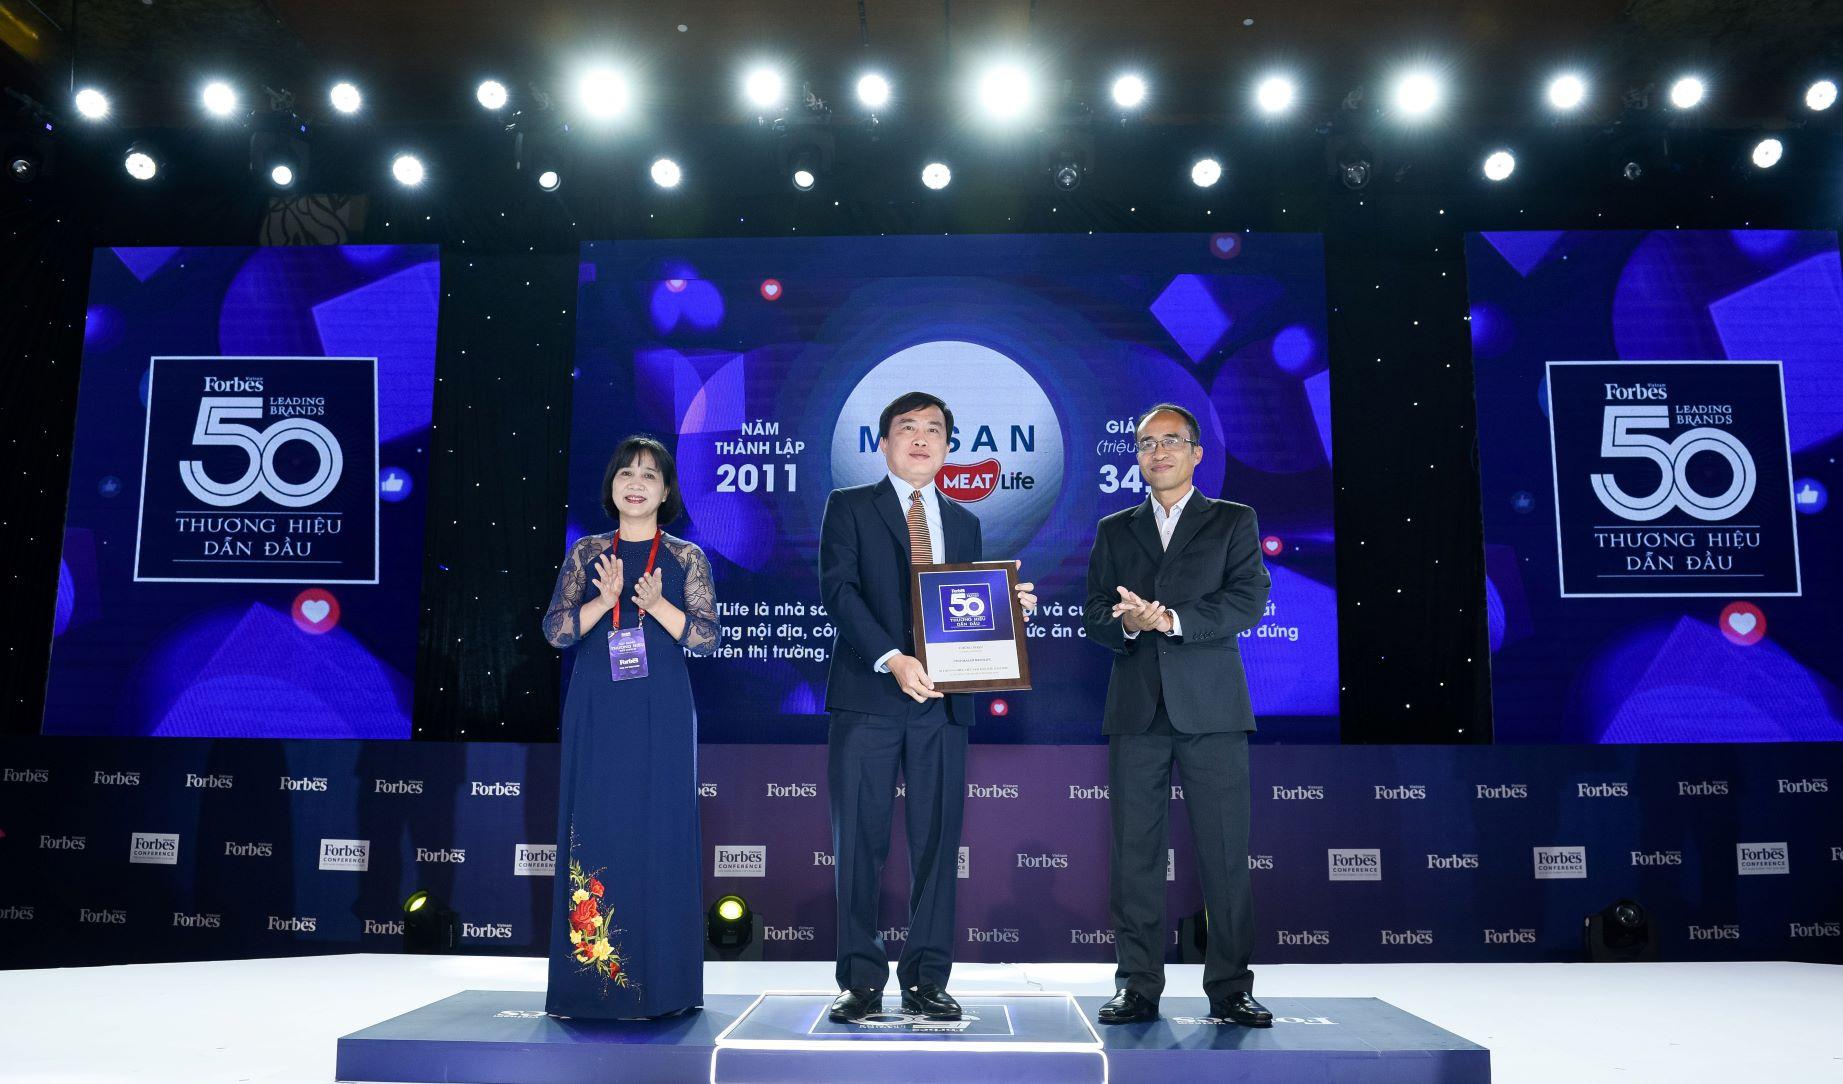 Forbes Vietnam bình chọn Masan MEATLife thuộc Top thương hiệu dẫn đầu